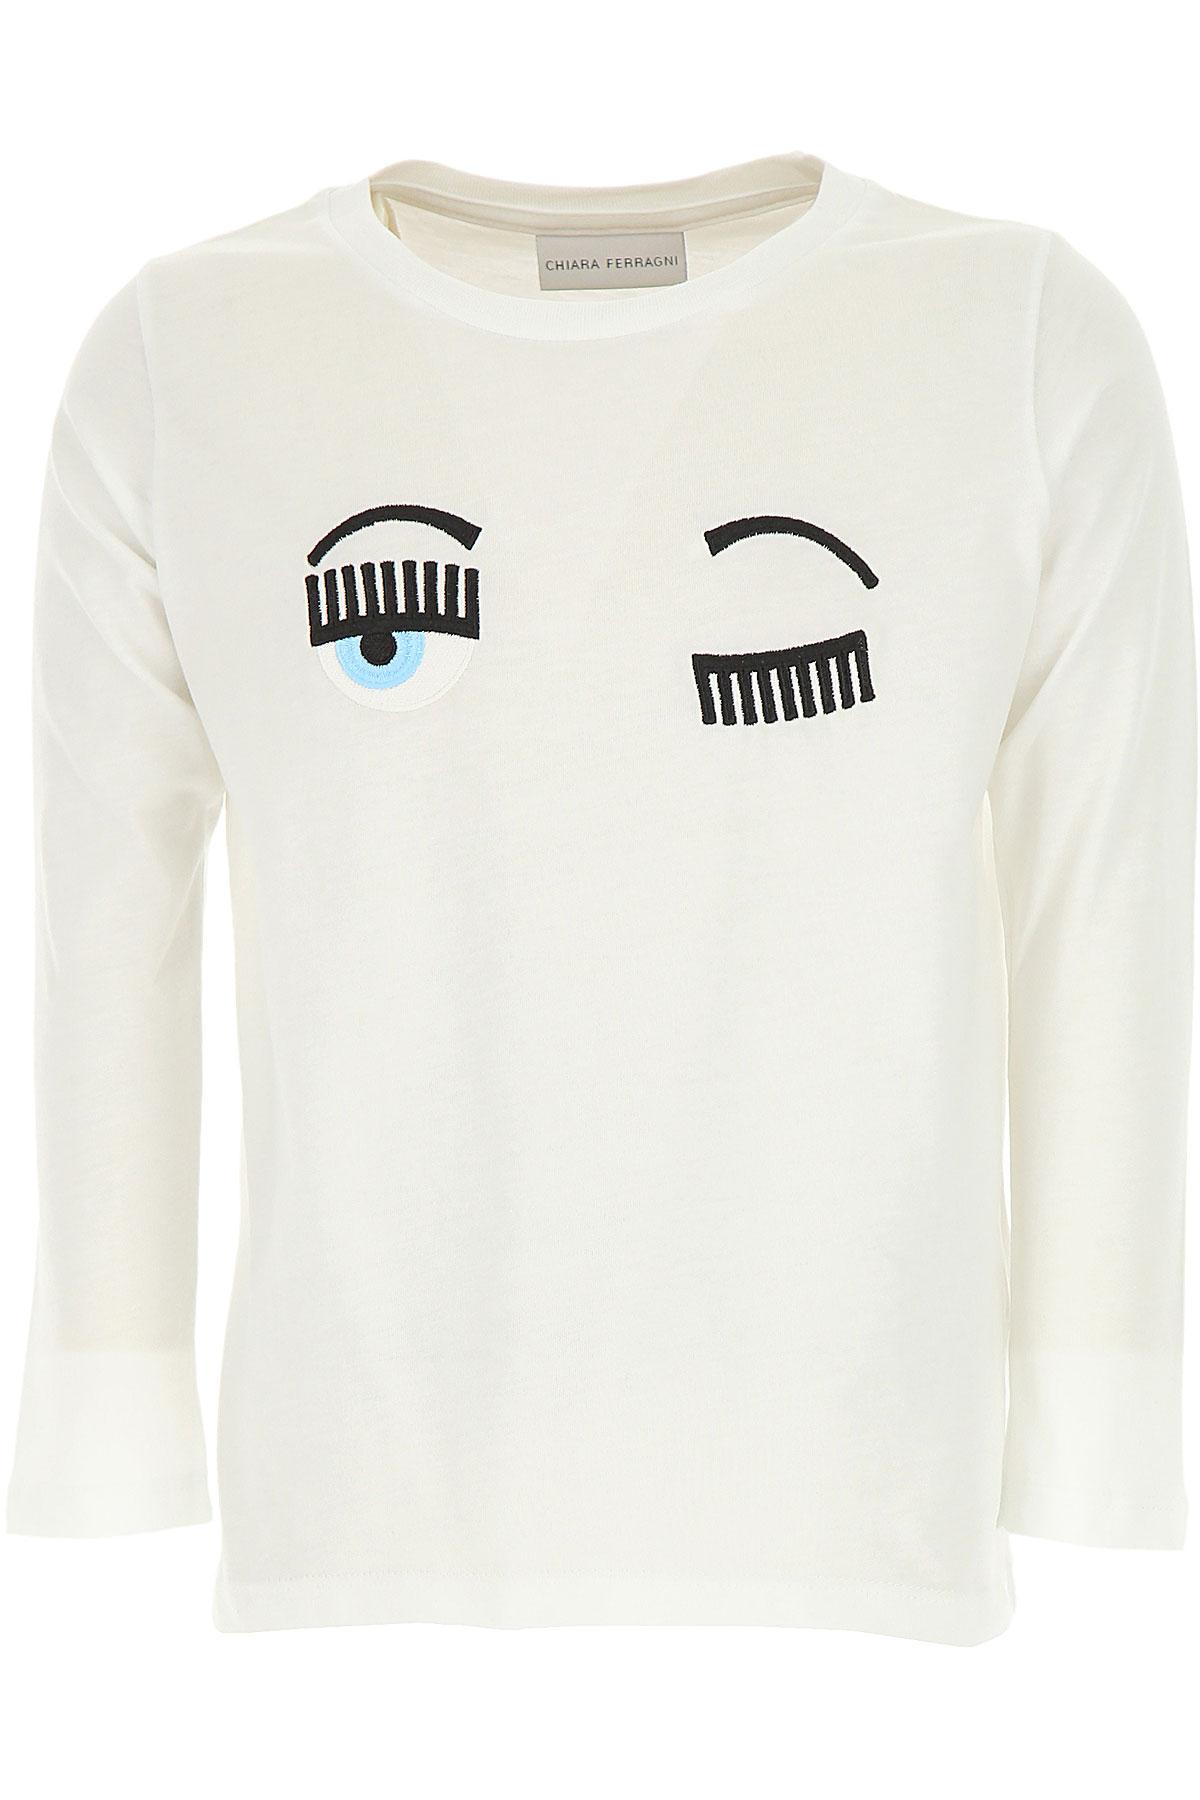 Chiara Ferragni Kids T-Shirt for Girls On Sale, White, Cotton, 2019, 10Y 12Y 14Y 4Y 6Y 8Y